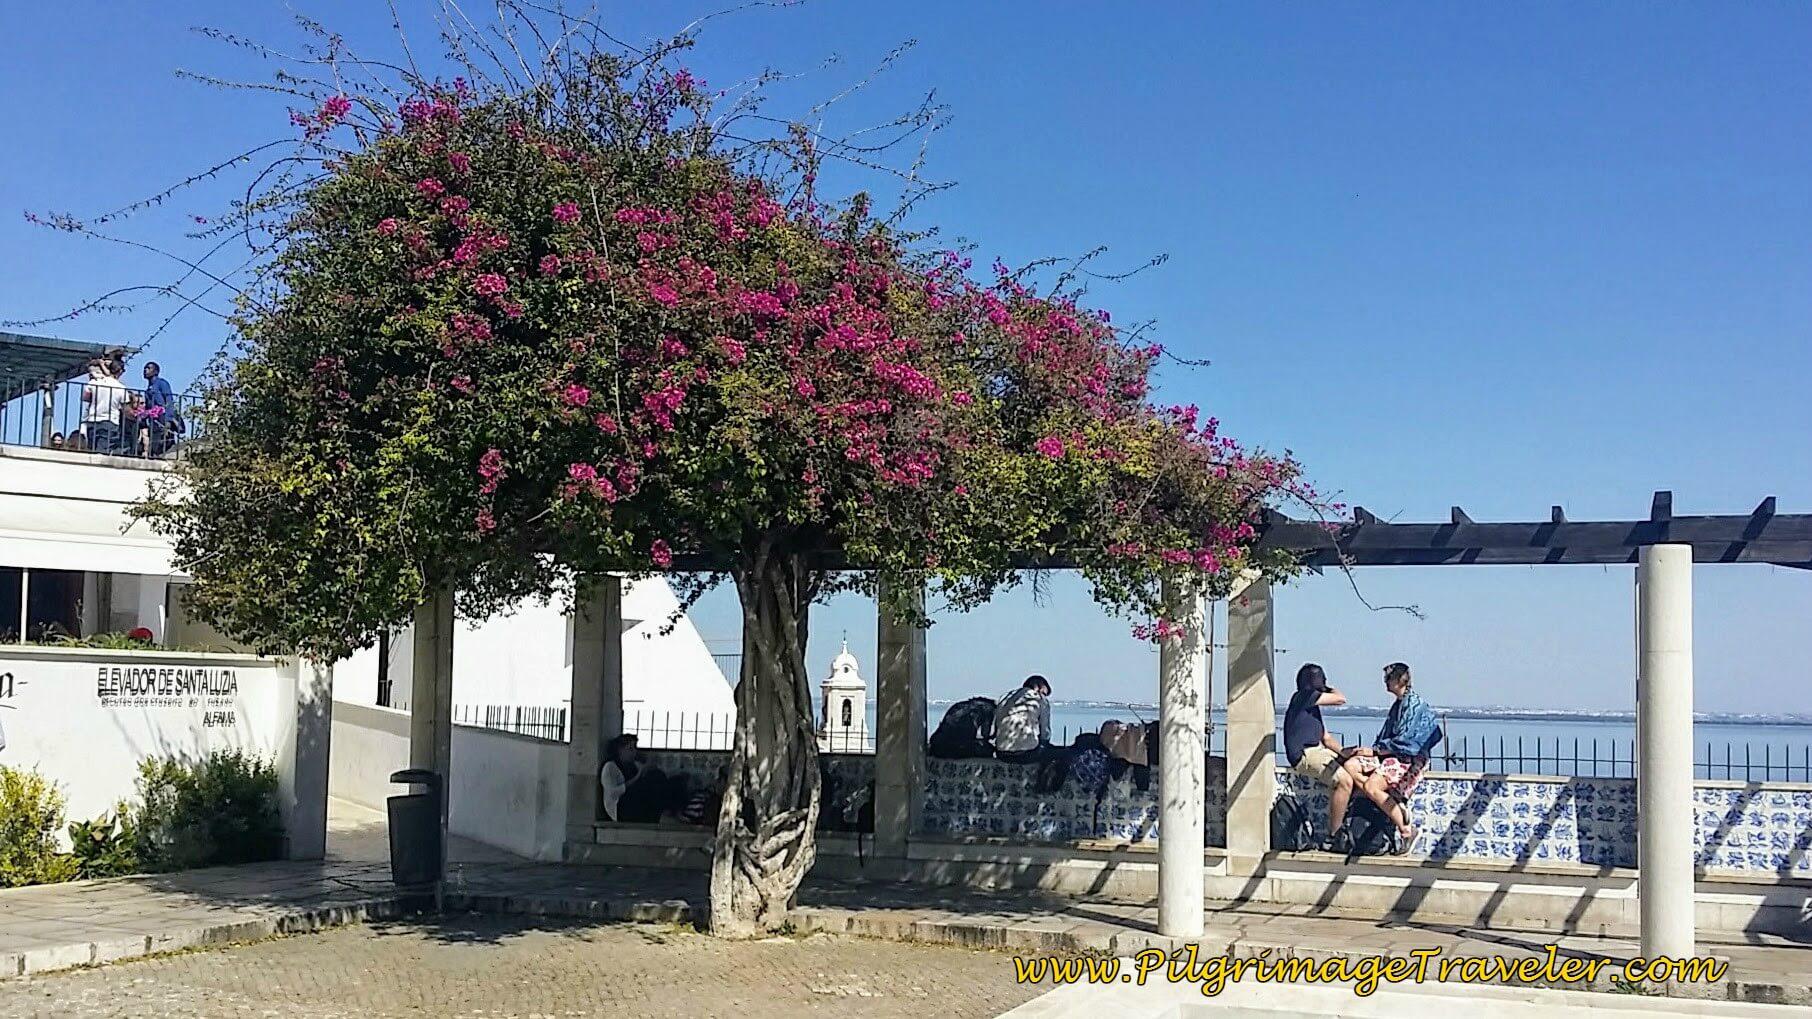 Lookout Terrace at the Miradouro de Santa Luzia